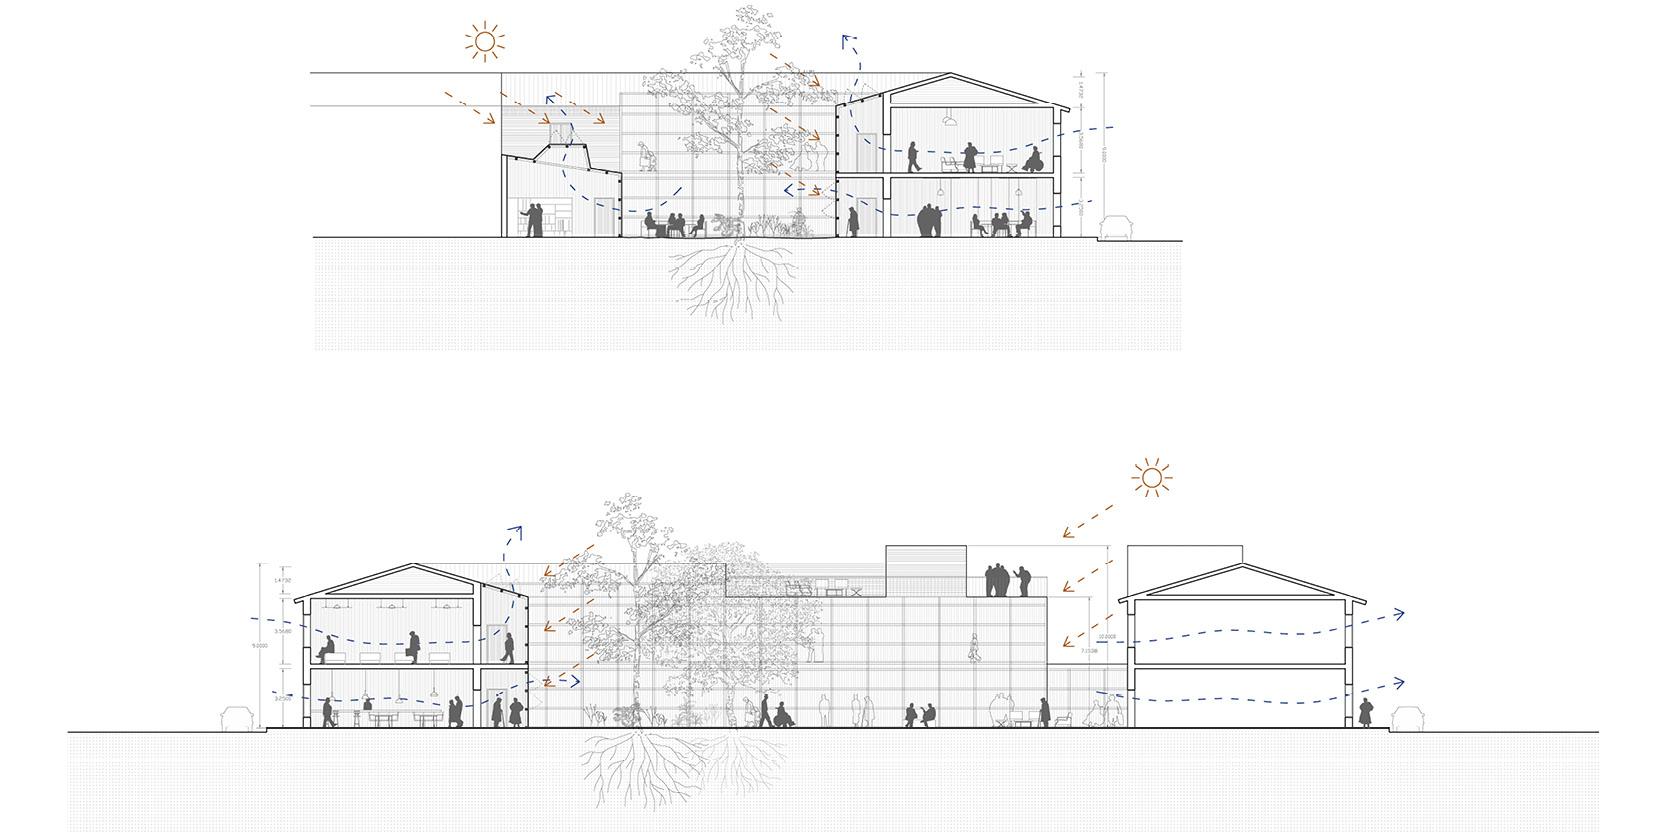 OCA architects arquitectos y DDA Centro de dia medicalizado para personas mayores en Paracuellos de Jarama Hernan Lleida Bernardo Garcia9